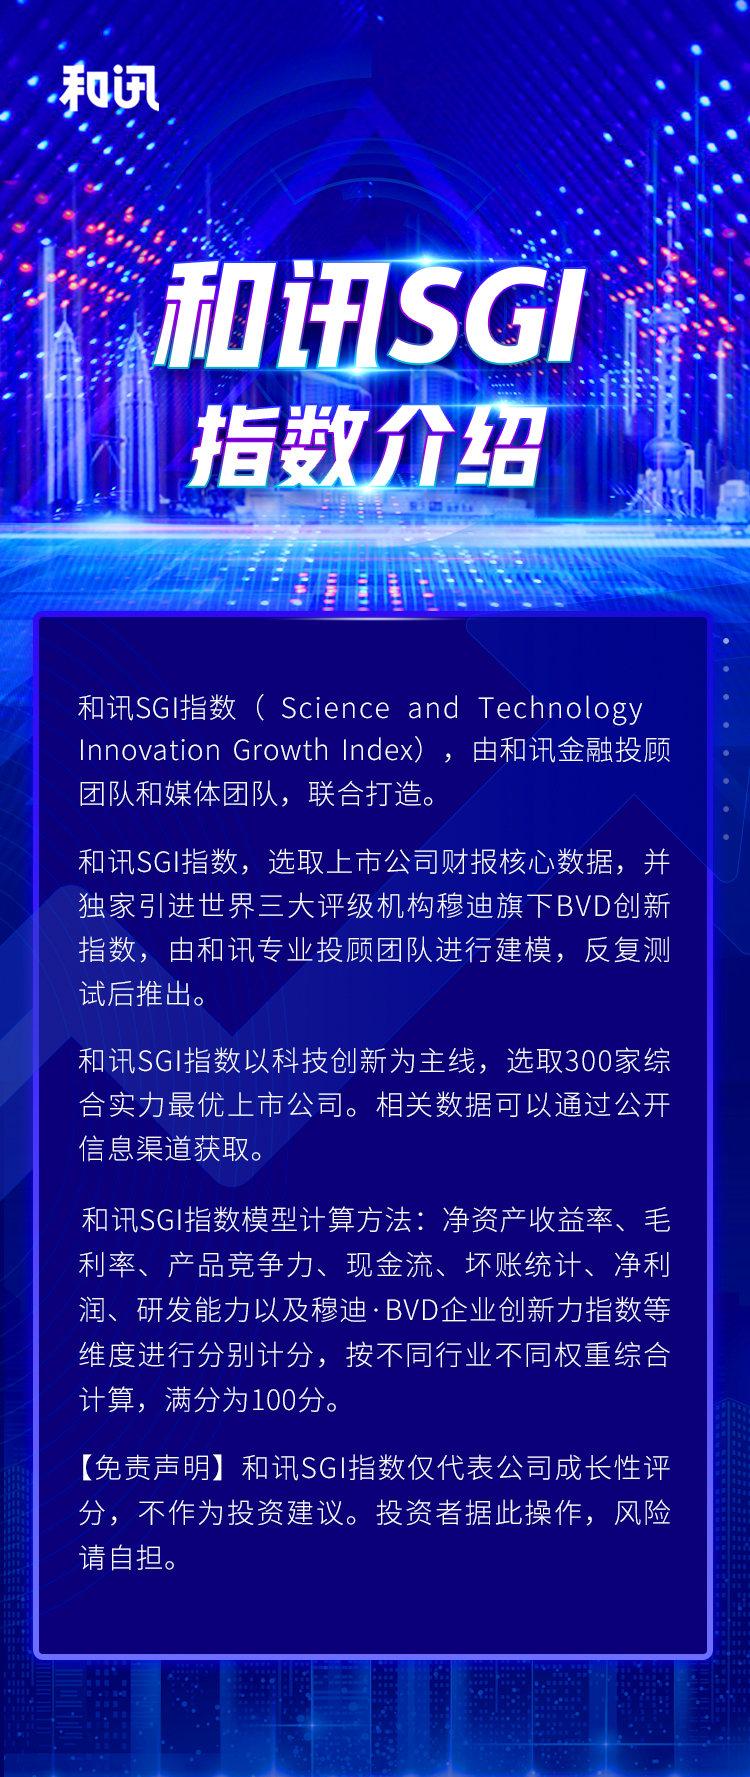 和讯SGI公司 海优新材核心产品涨价35%以上!将成为盈利和股价双增的催化剂?